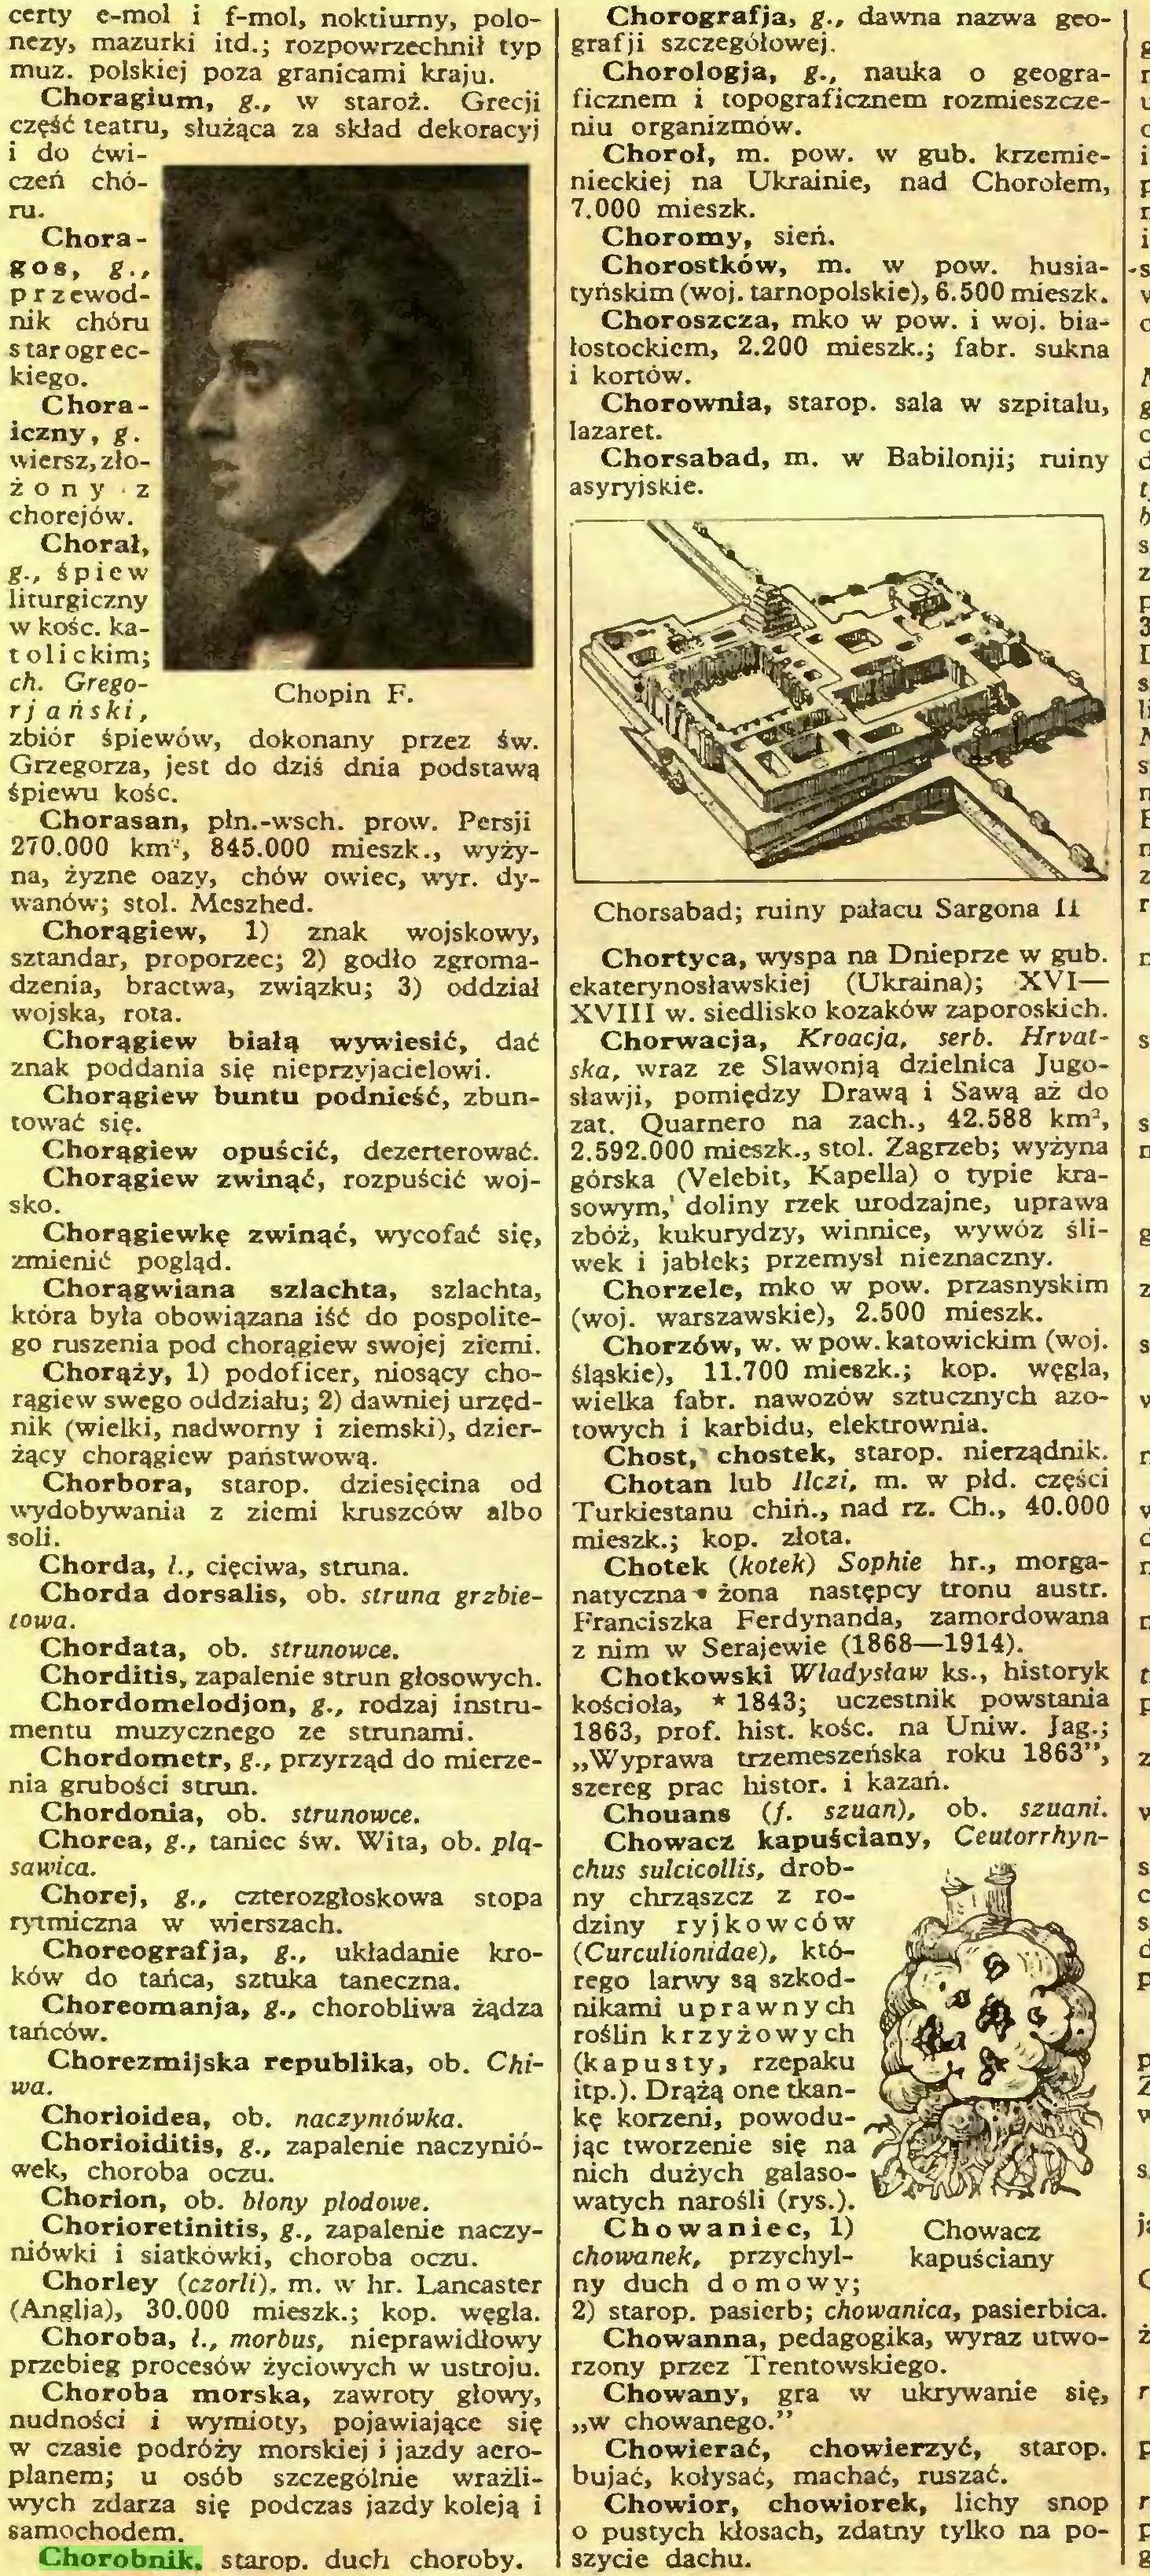 (...) Chorobnik. starop. duch choroby. Chorografja, g., dawna nazwa geografii szczegółowej...